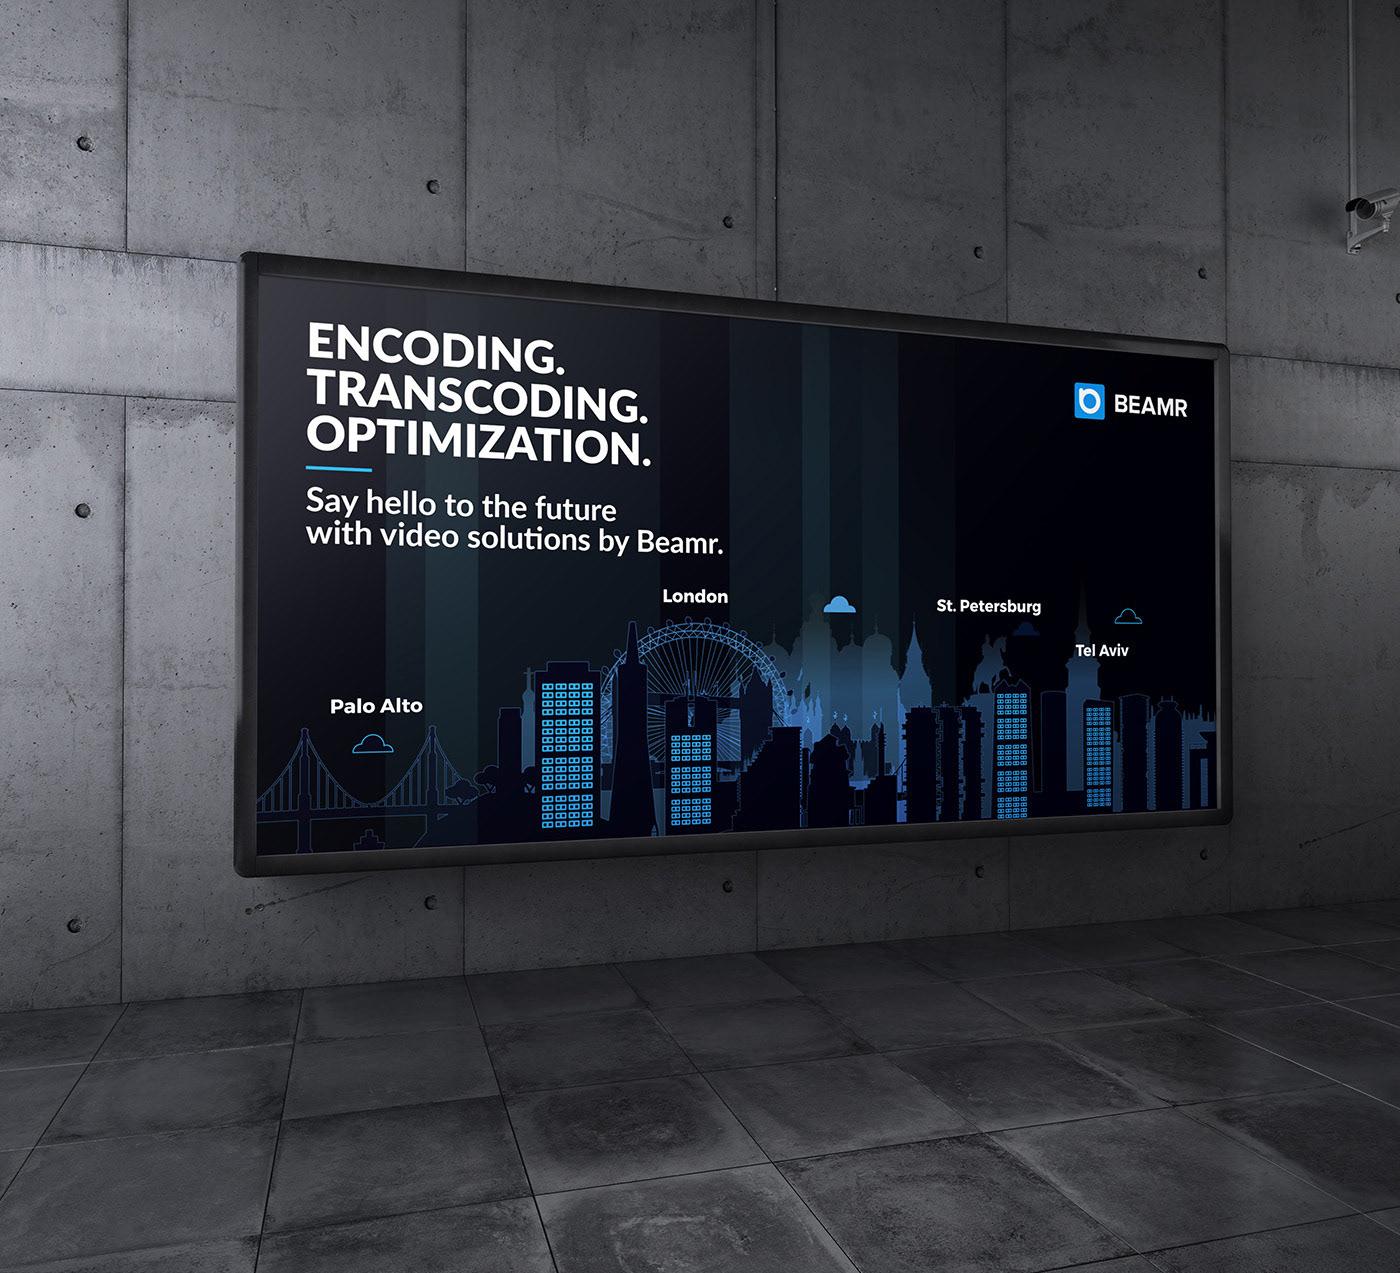 Image may contain: building, screenshot and wall